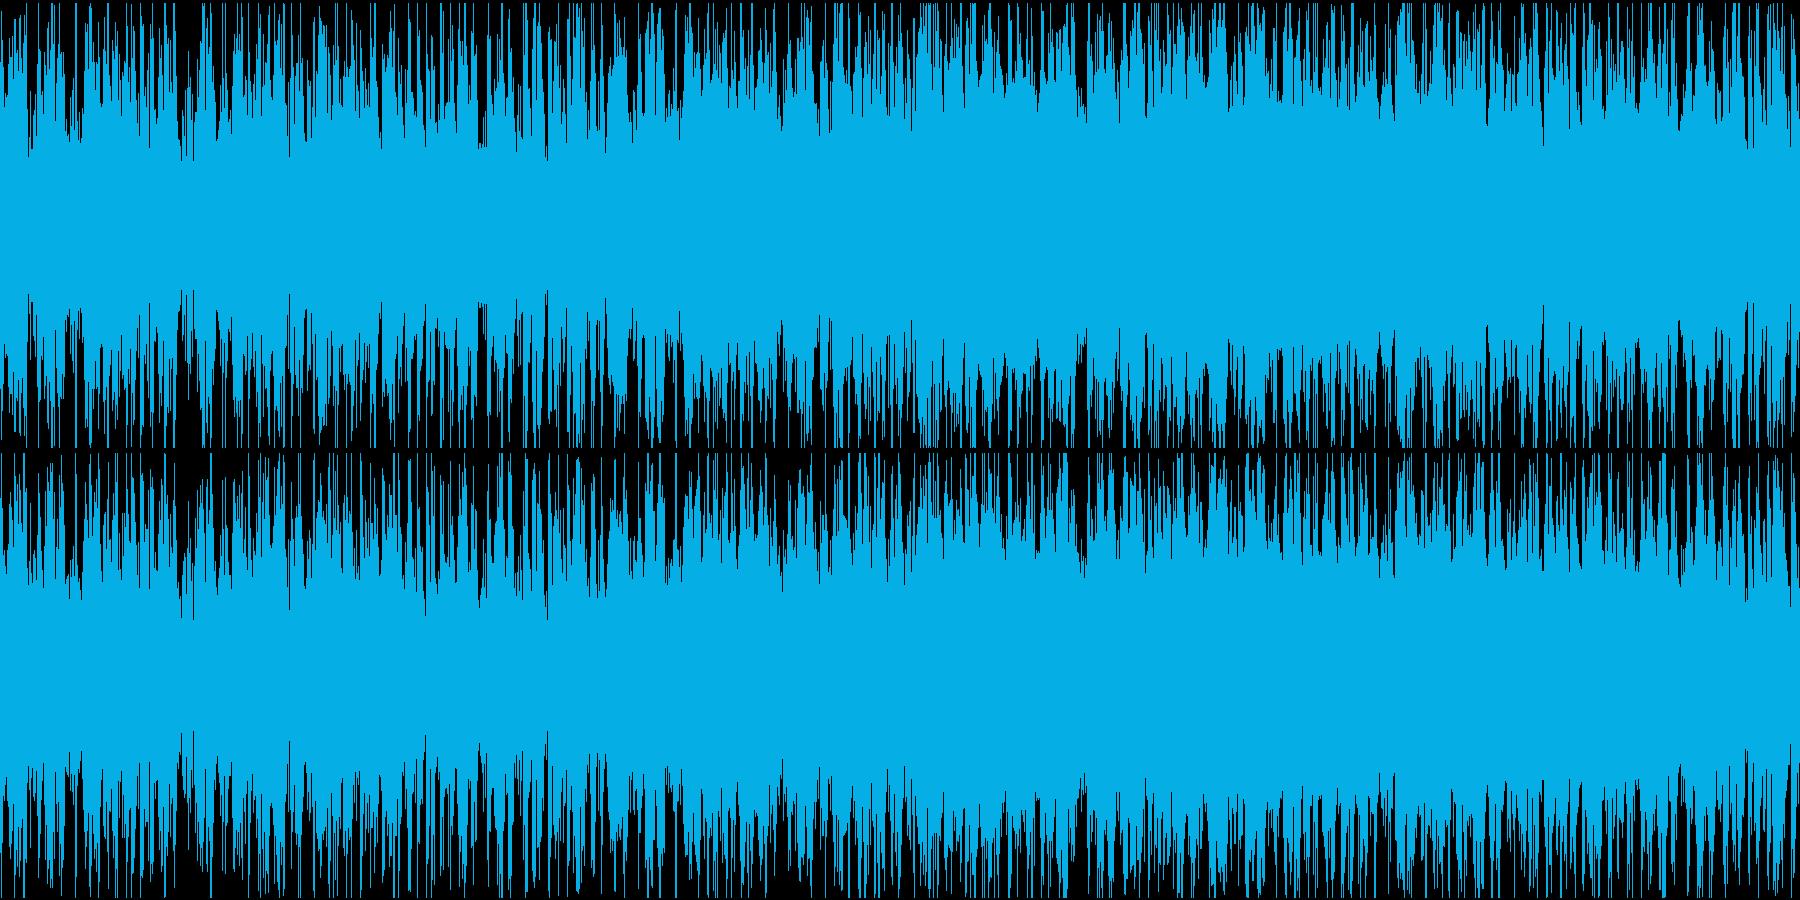 無国籍な民族音楽っぽいBGM ループ仕様の再生済みの波形